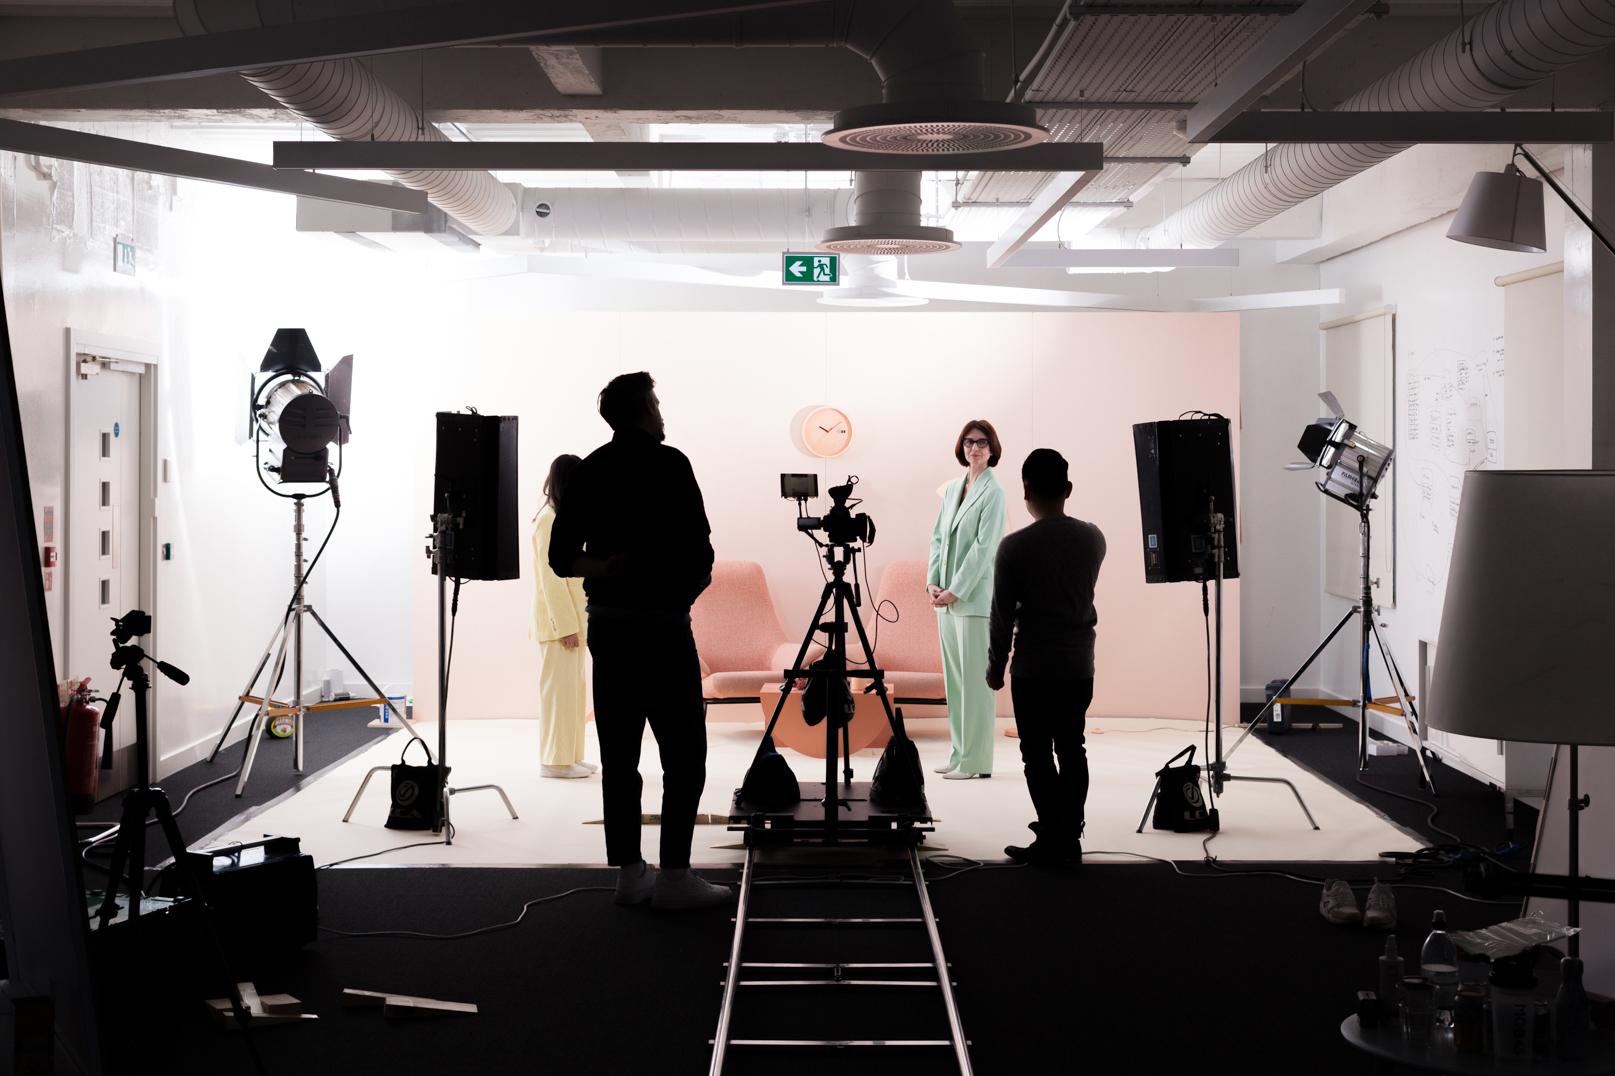 Ka-Lok_Ho_Directing_Filmmaker_Content_Strategist_London.jpg